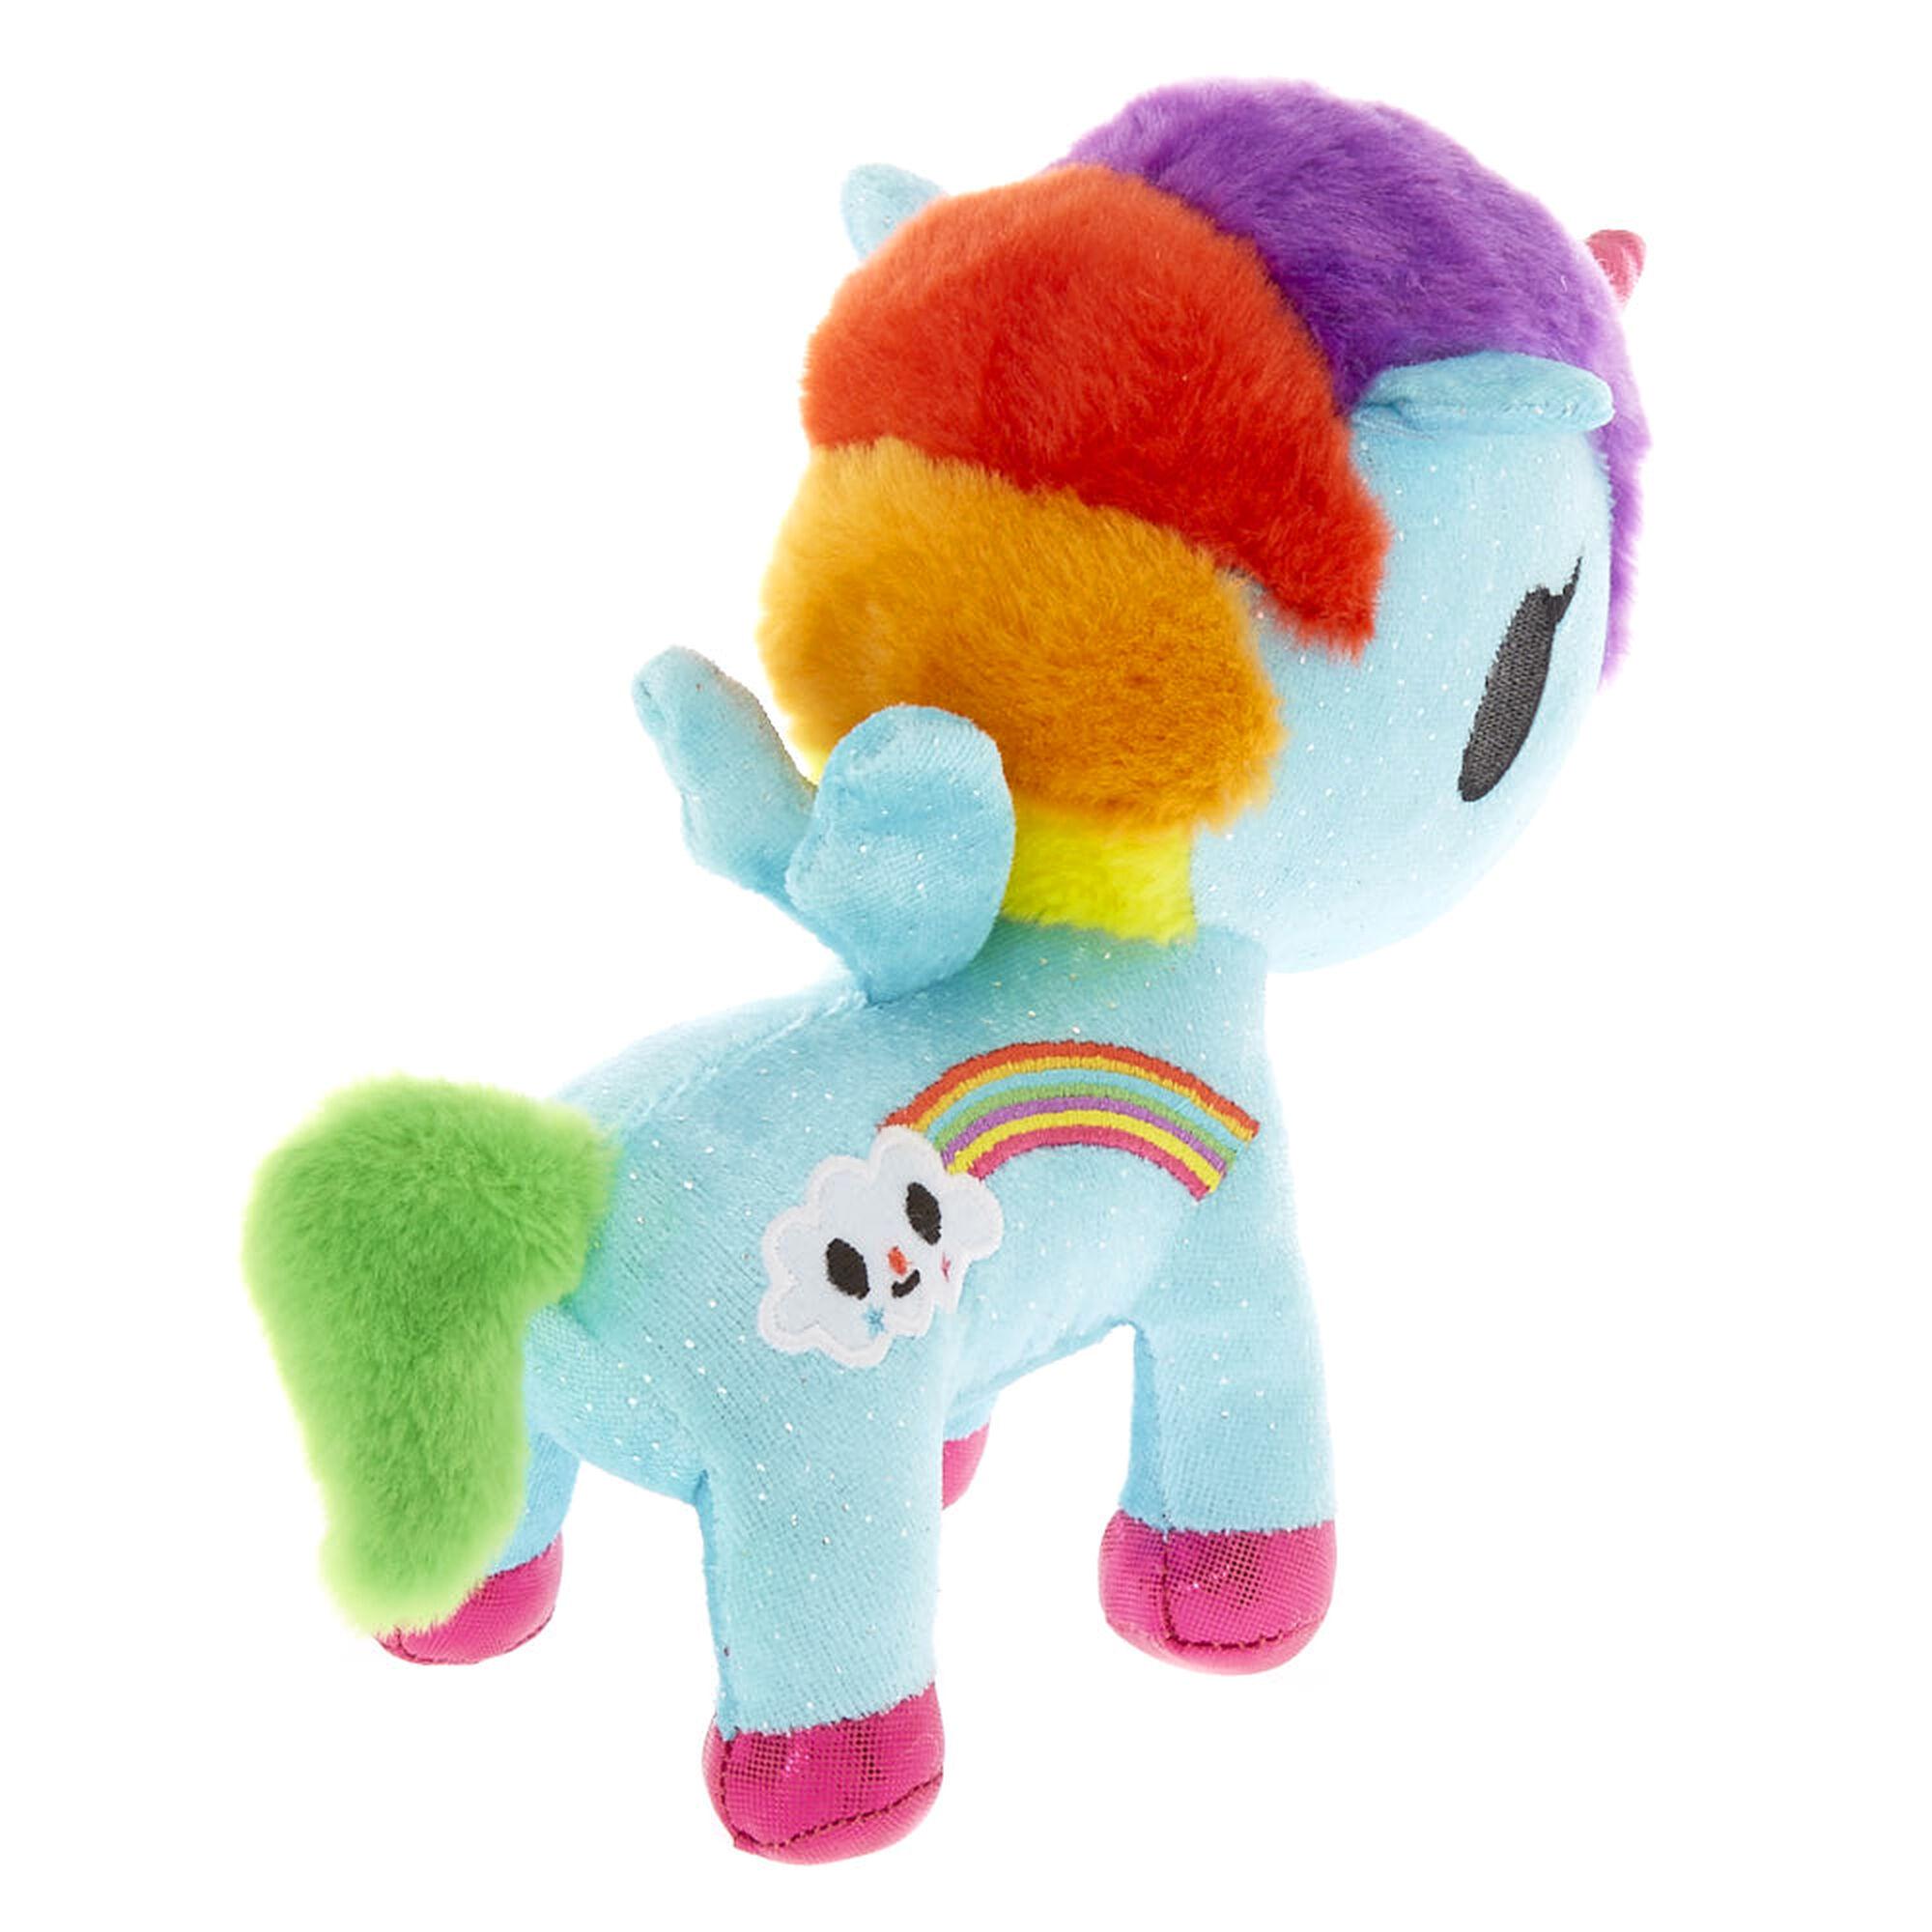 Neon Star By Tokidoki Unicorno Pixie Plush Toy Claire S Us